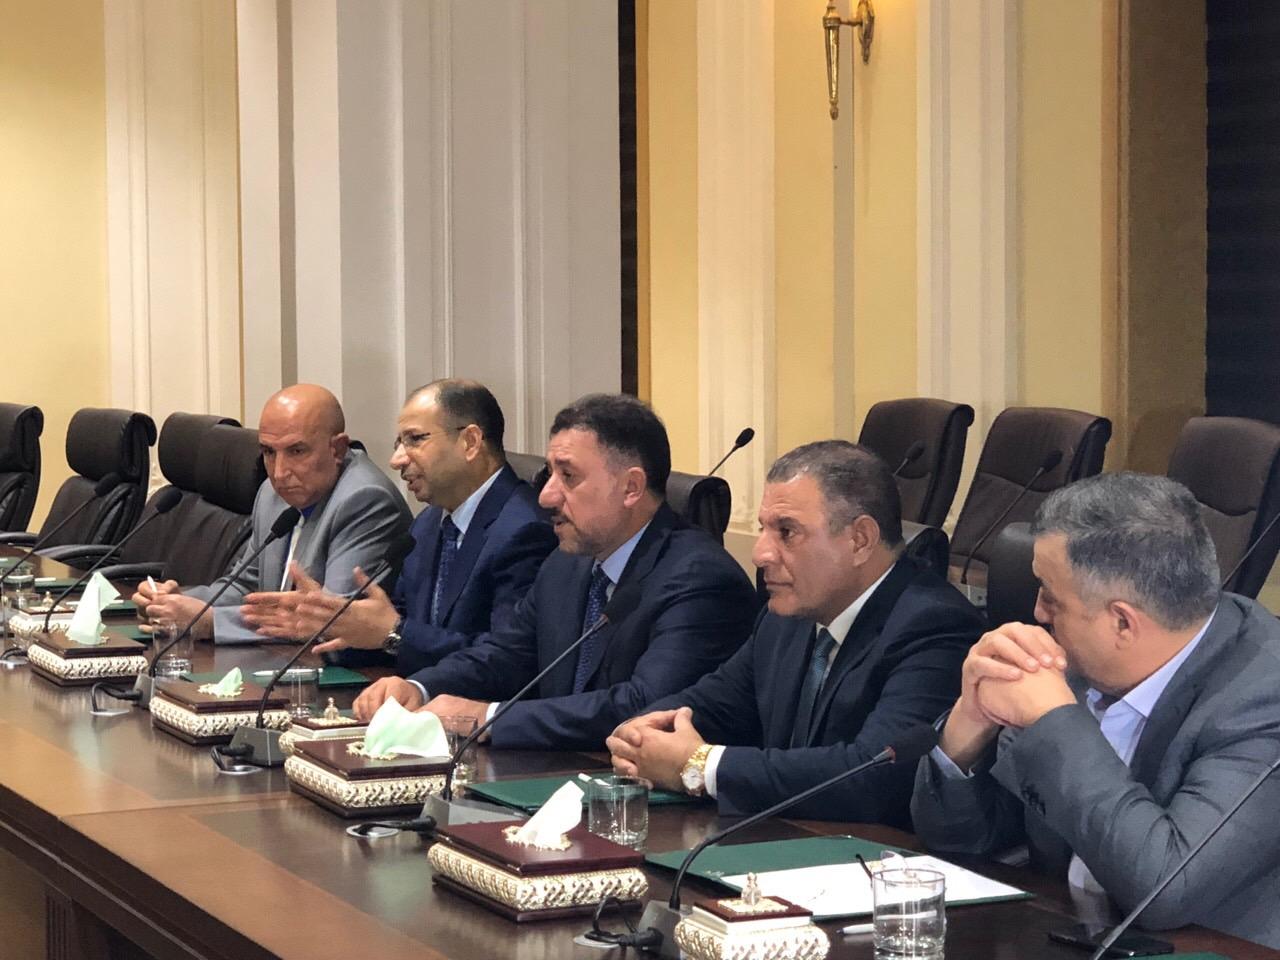 عاجل… بدأ الاجتماع بين تحالف المحور الوطني والحزبين الاتحاد و الديمقراطي الكردستاني